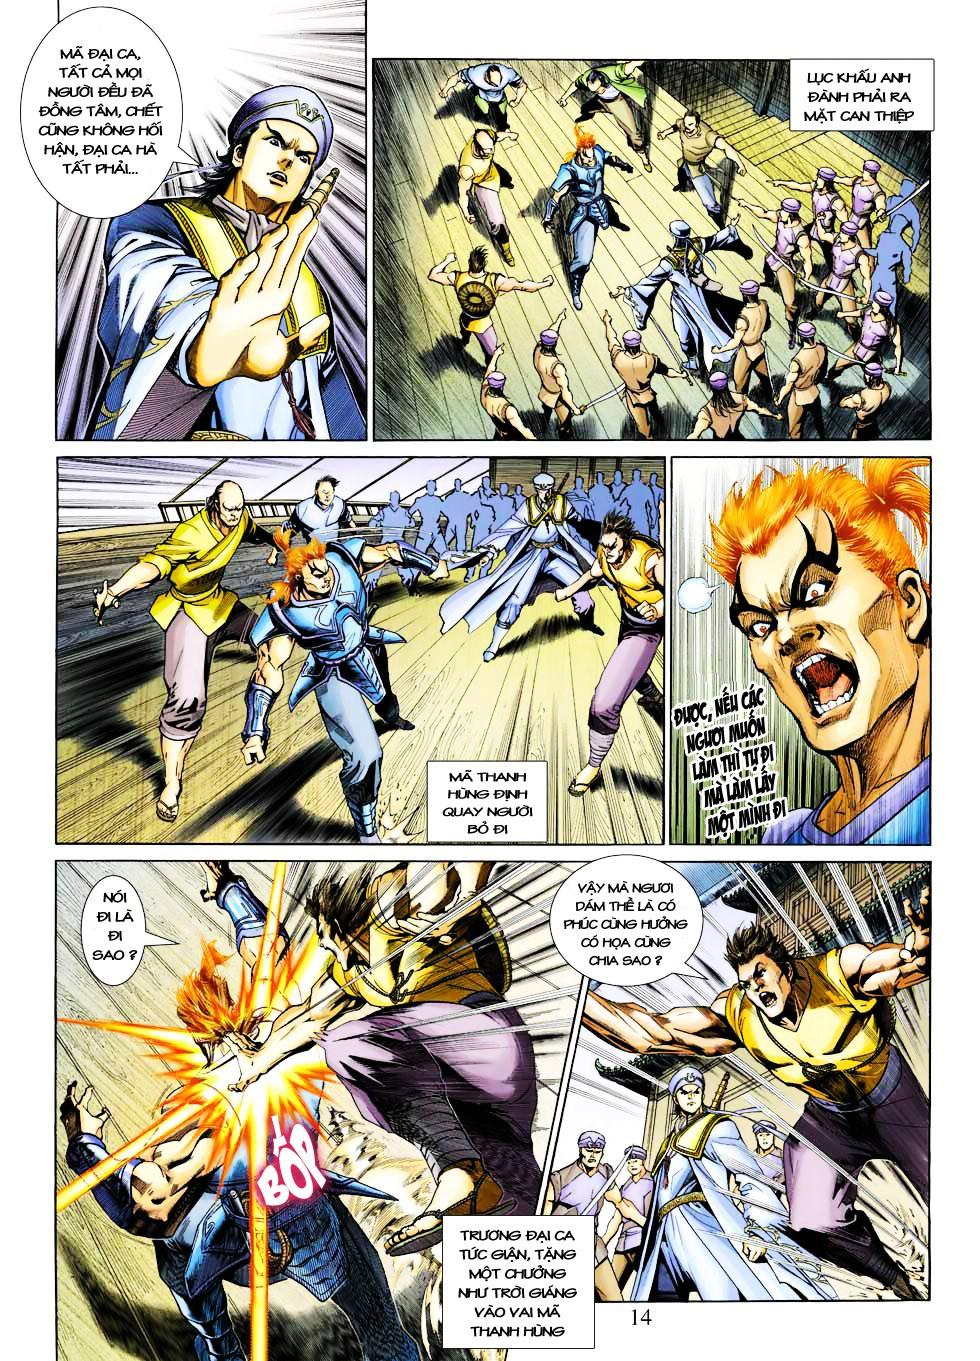 Anh Hùng Xạ Điêu anh hùng xạ đêu chap 27 trang 14